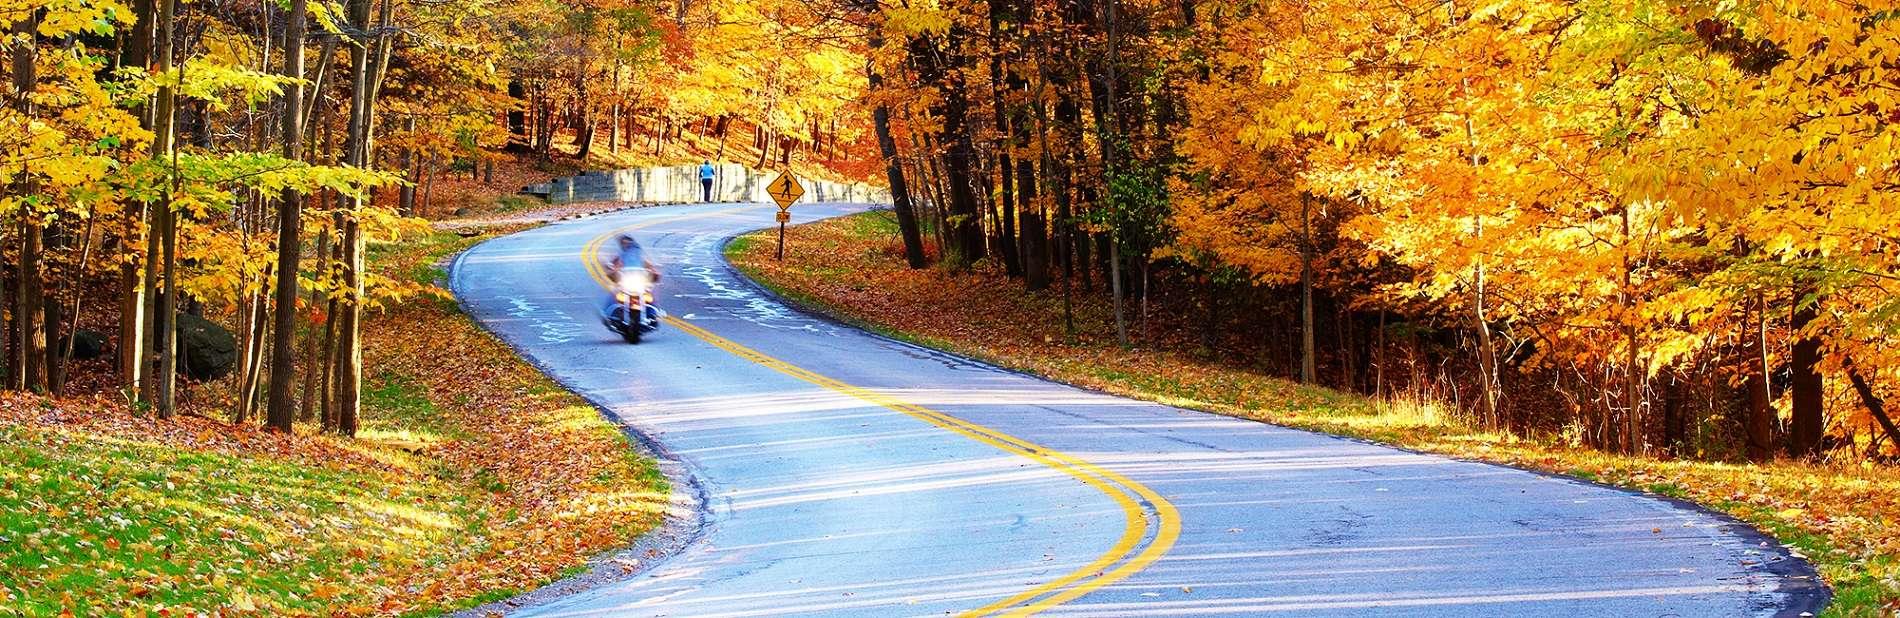 Motorcycleroads